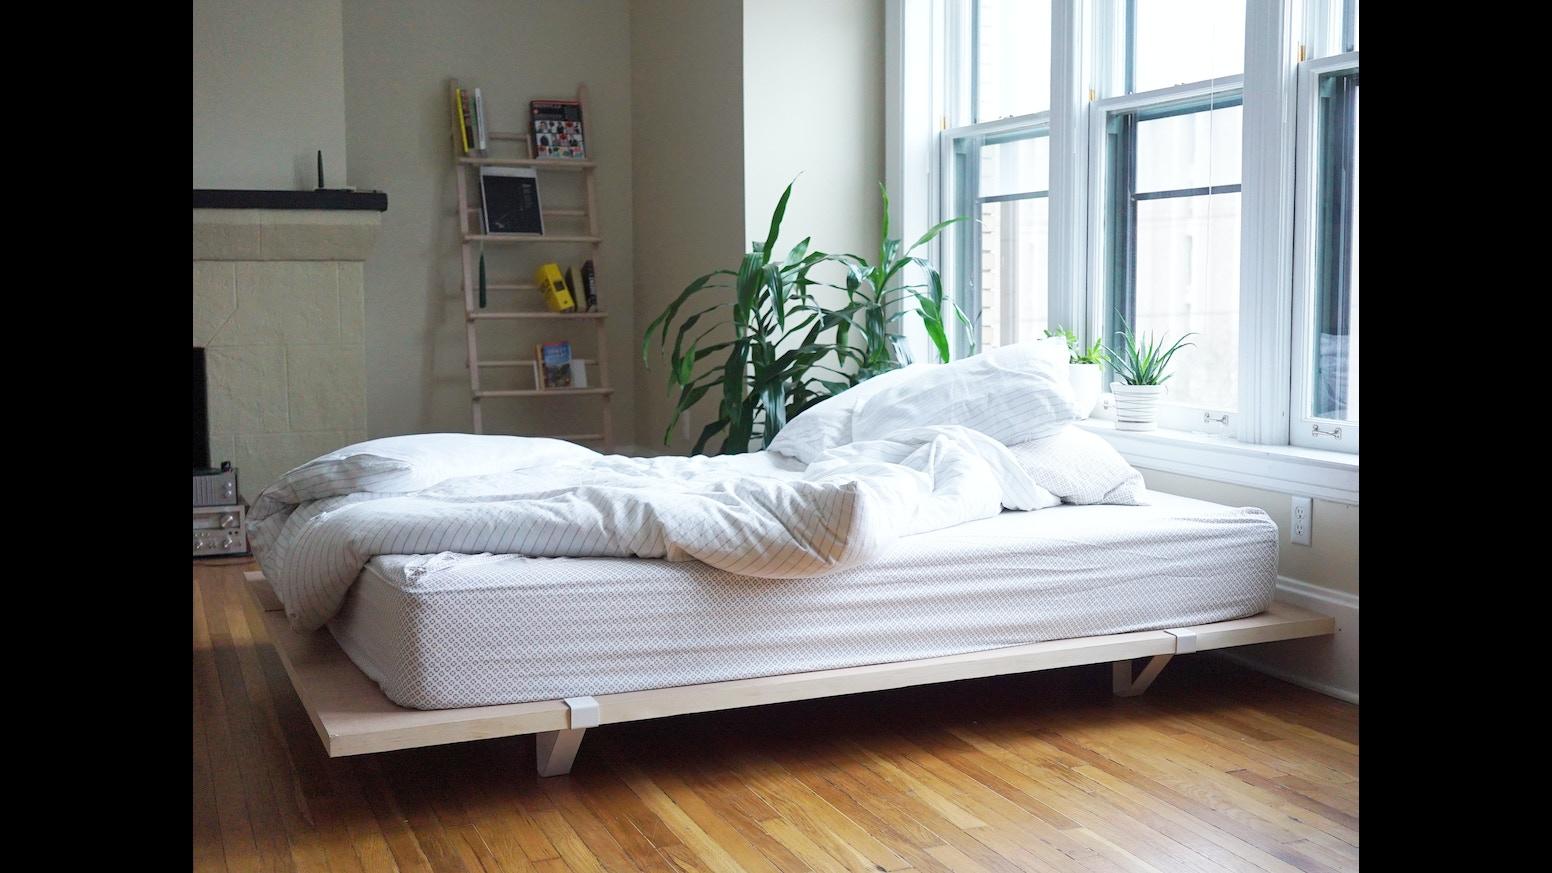 The floyd platform bed by kyle hoff alex o 39 dell kickstarter - Minimal platform bed ...